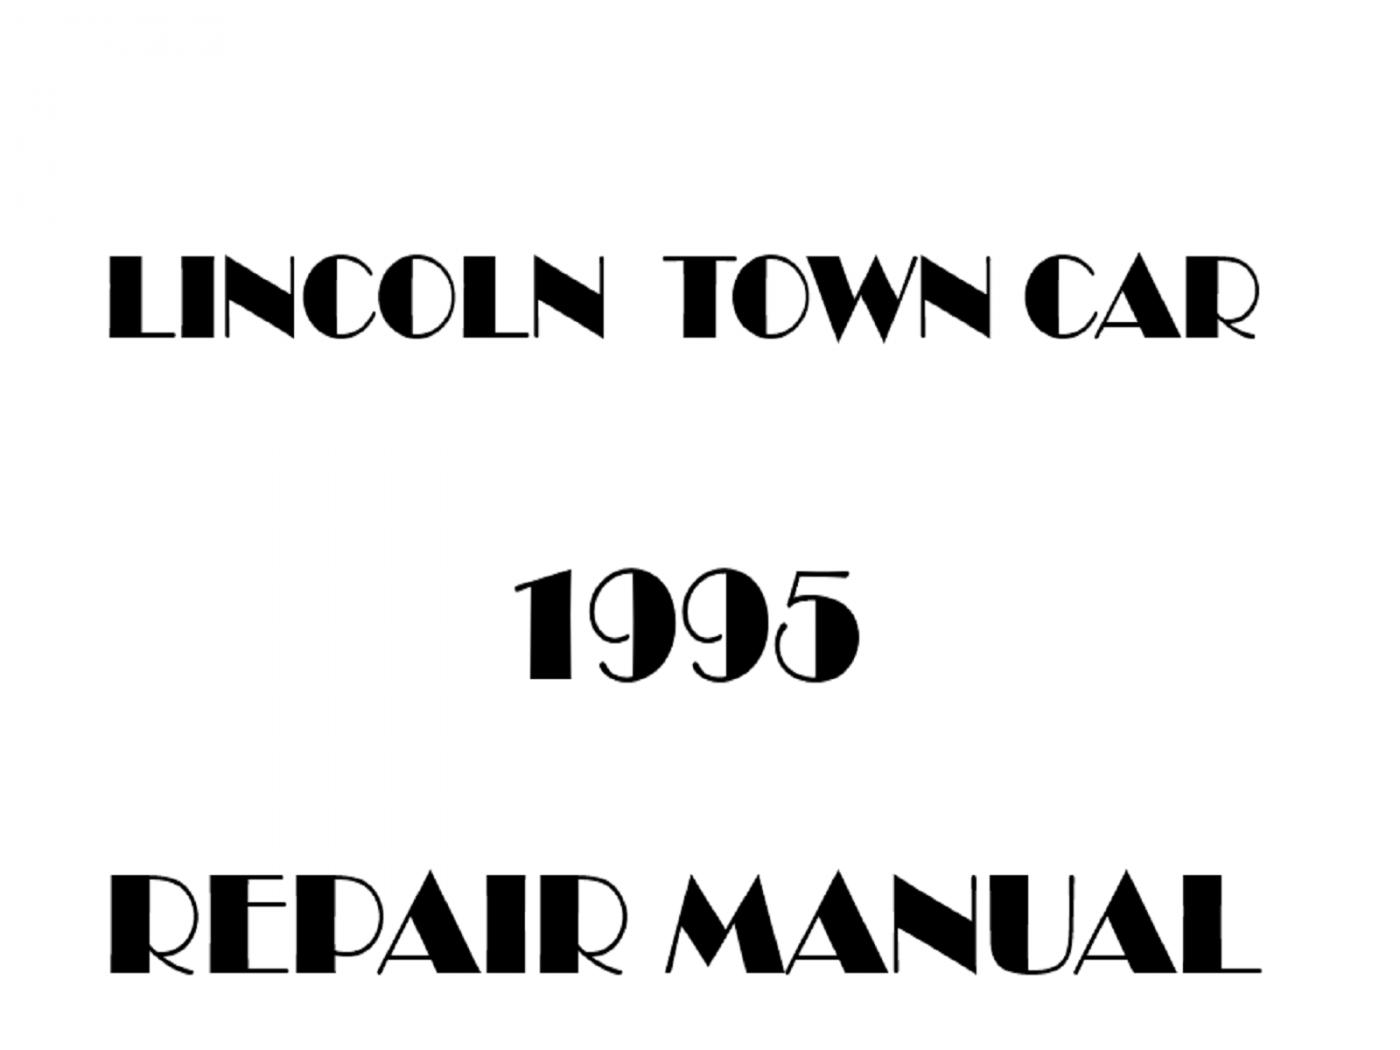 1995 Lincoln Town Car repair manual